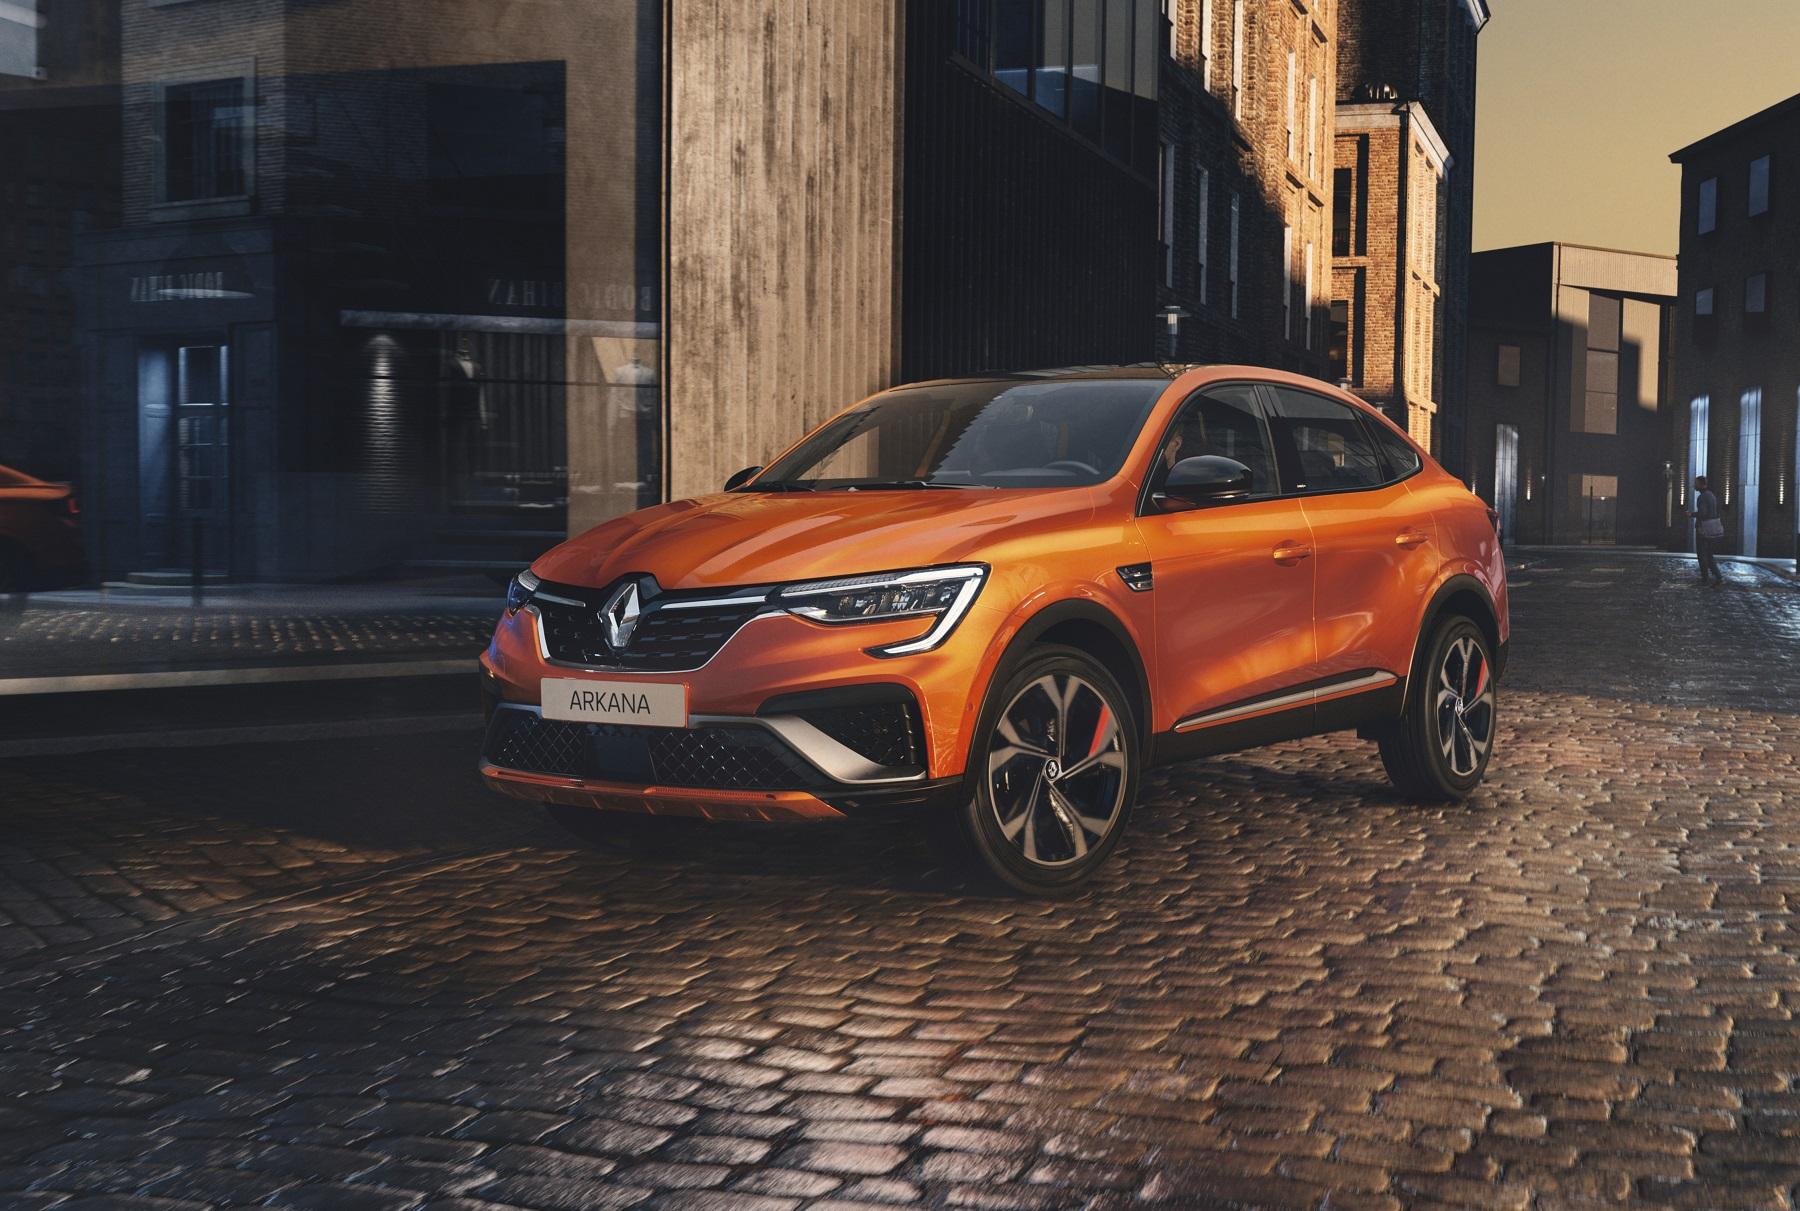 Renault predstaví nový elektrický crossover aj hybridnú Arkanu